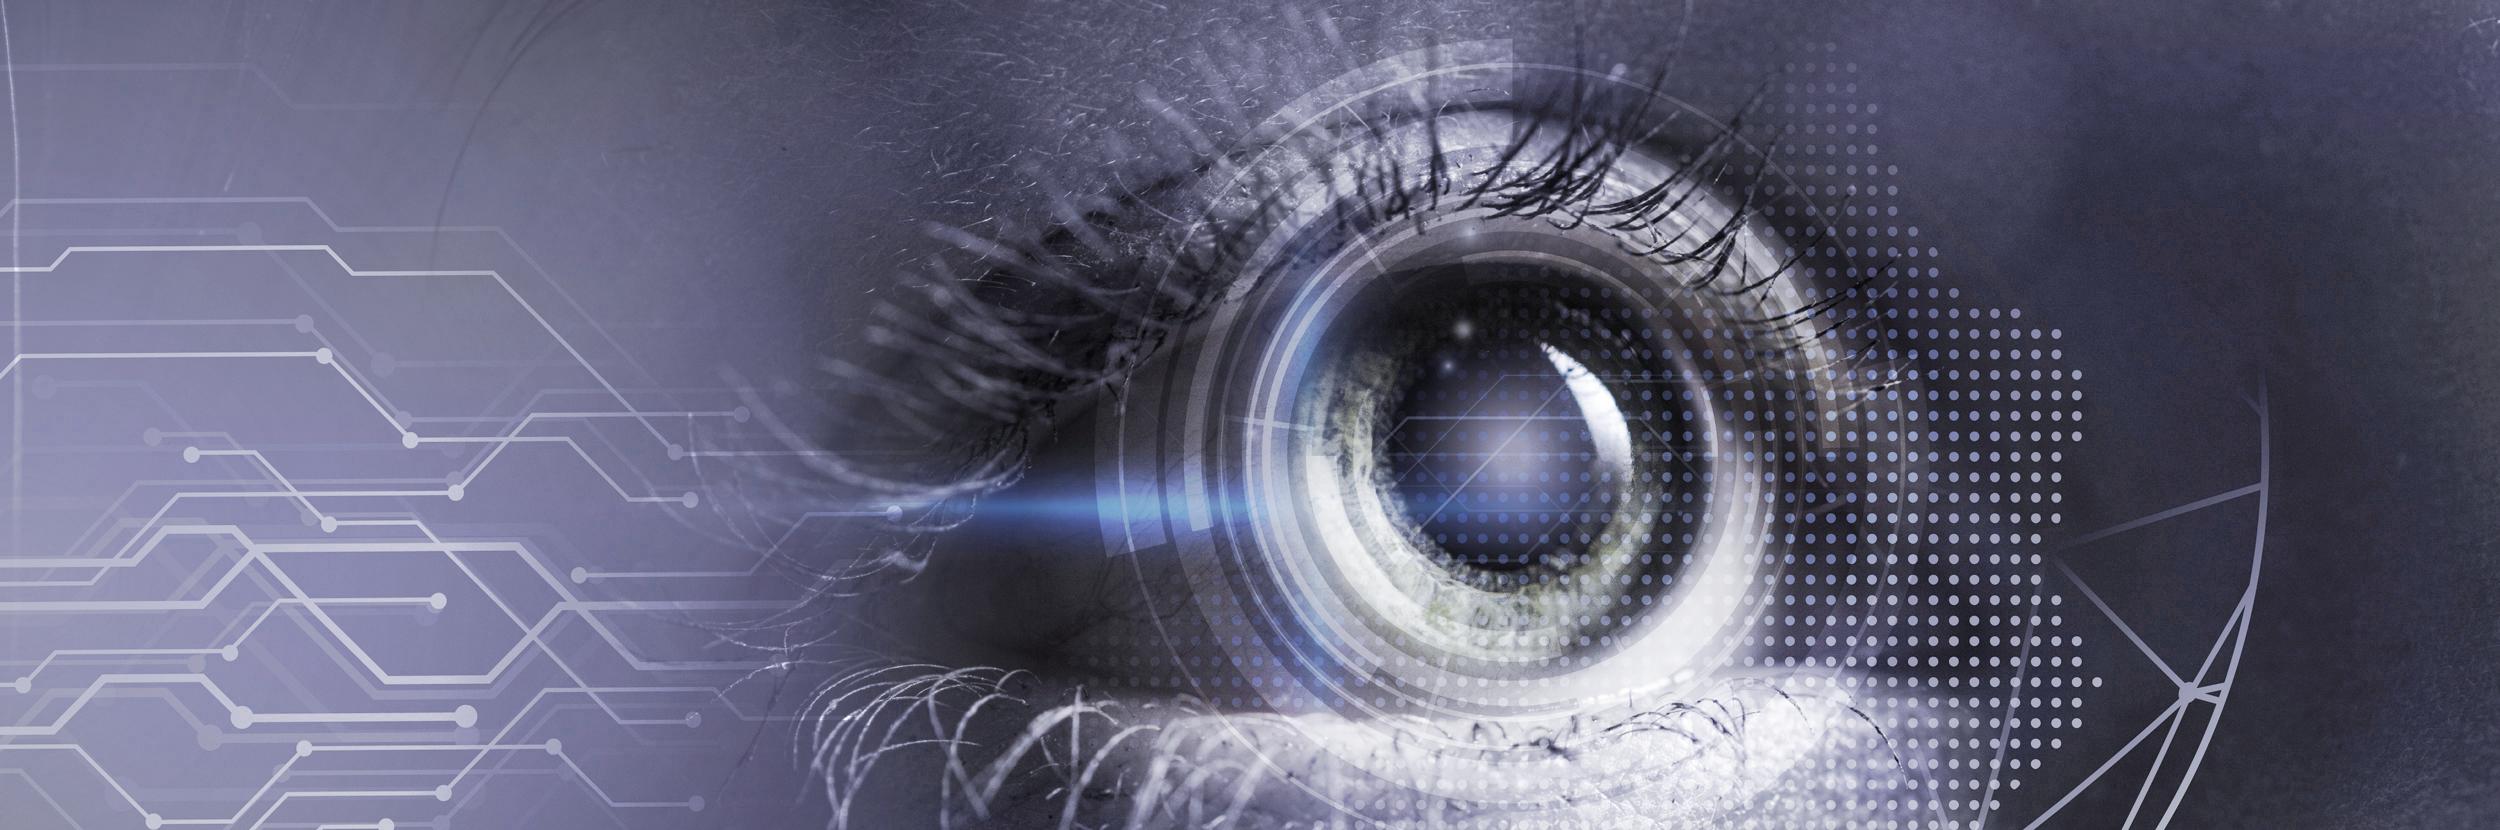 Productos de visión artificial